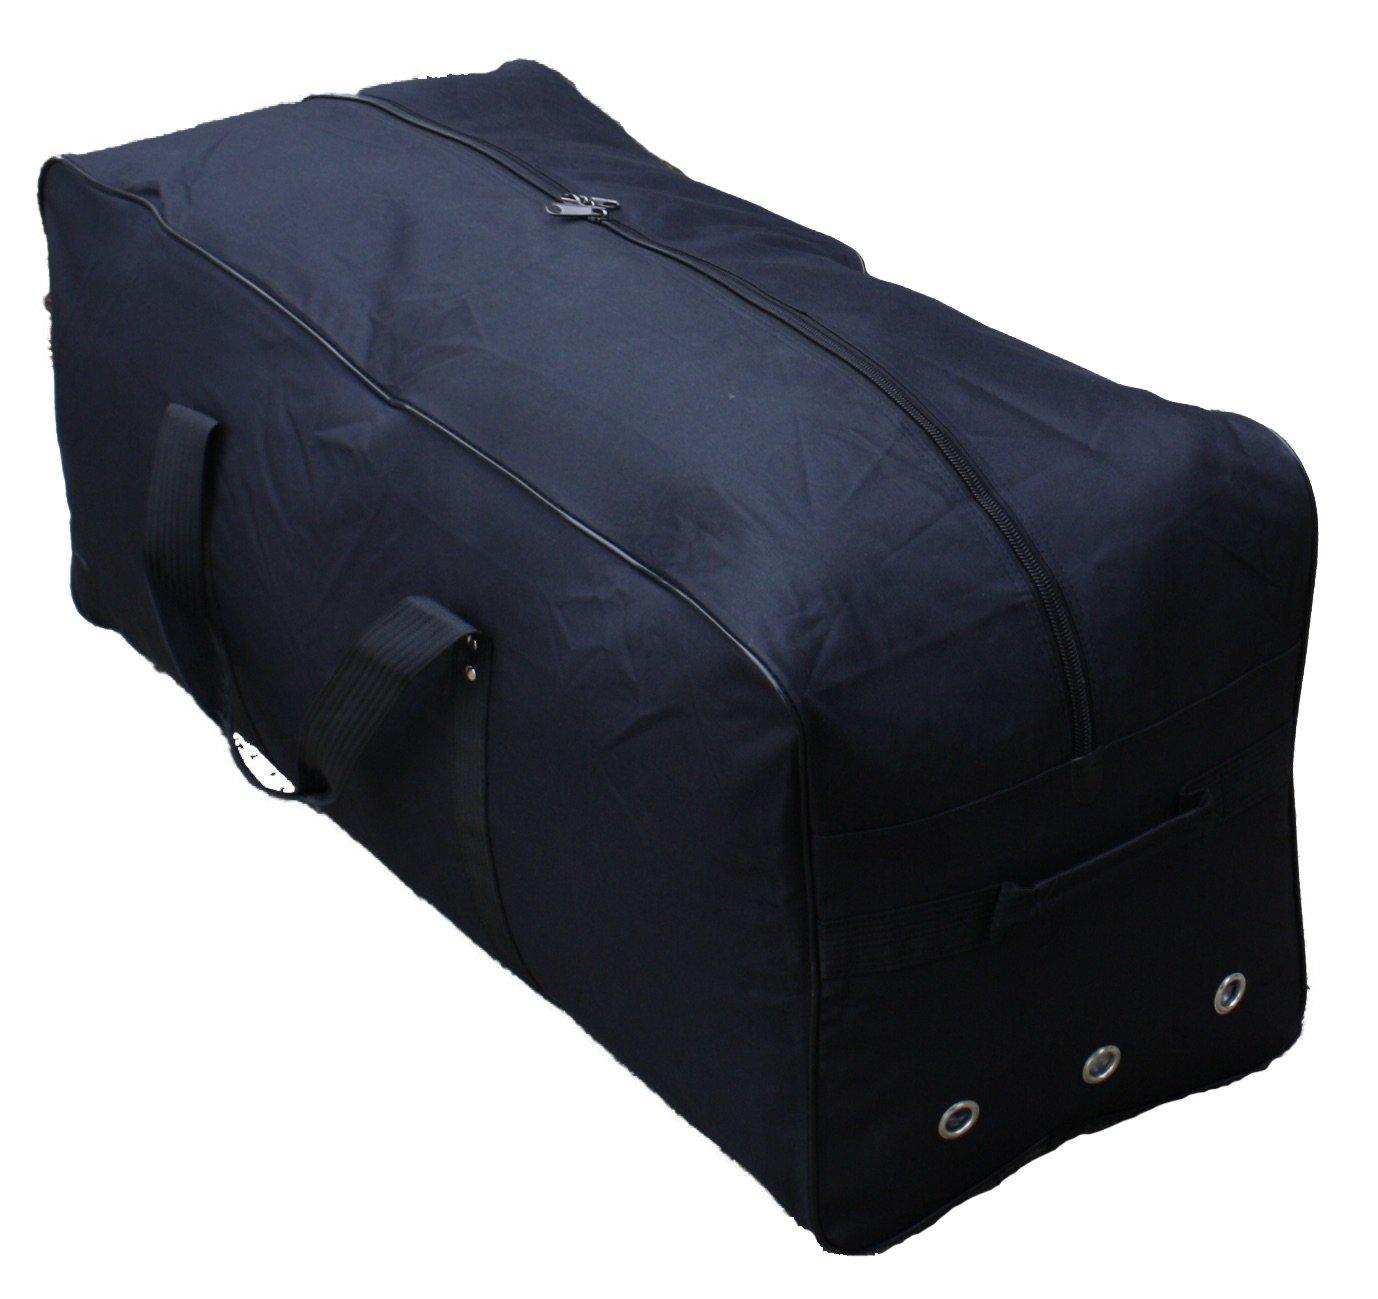 8209c9a03893 Archibolt 42-inch Duffle Bag Carry-On Sports Hockey Bag Travel Luggage  Duffel